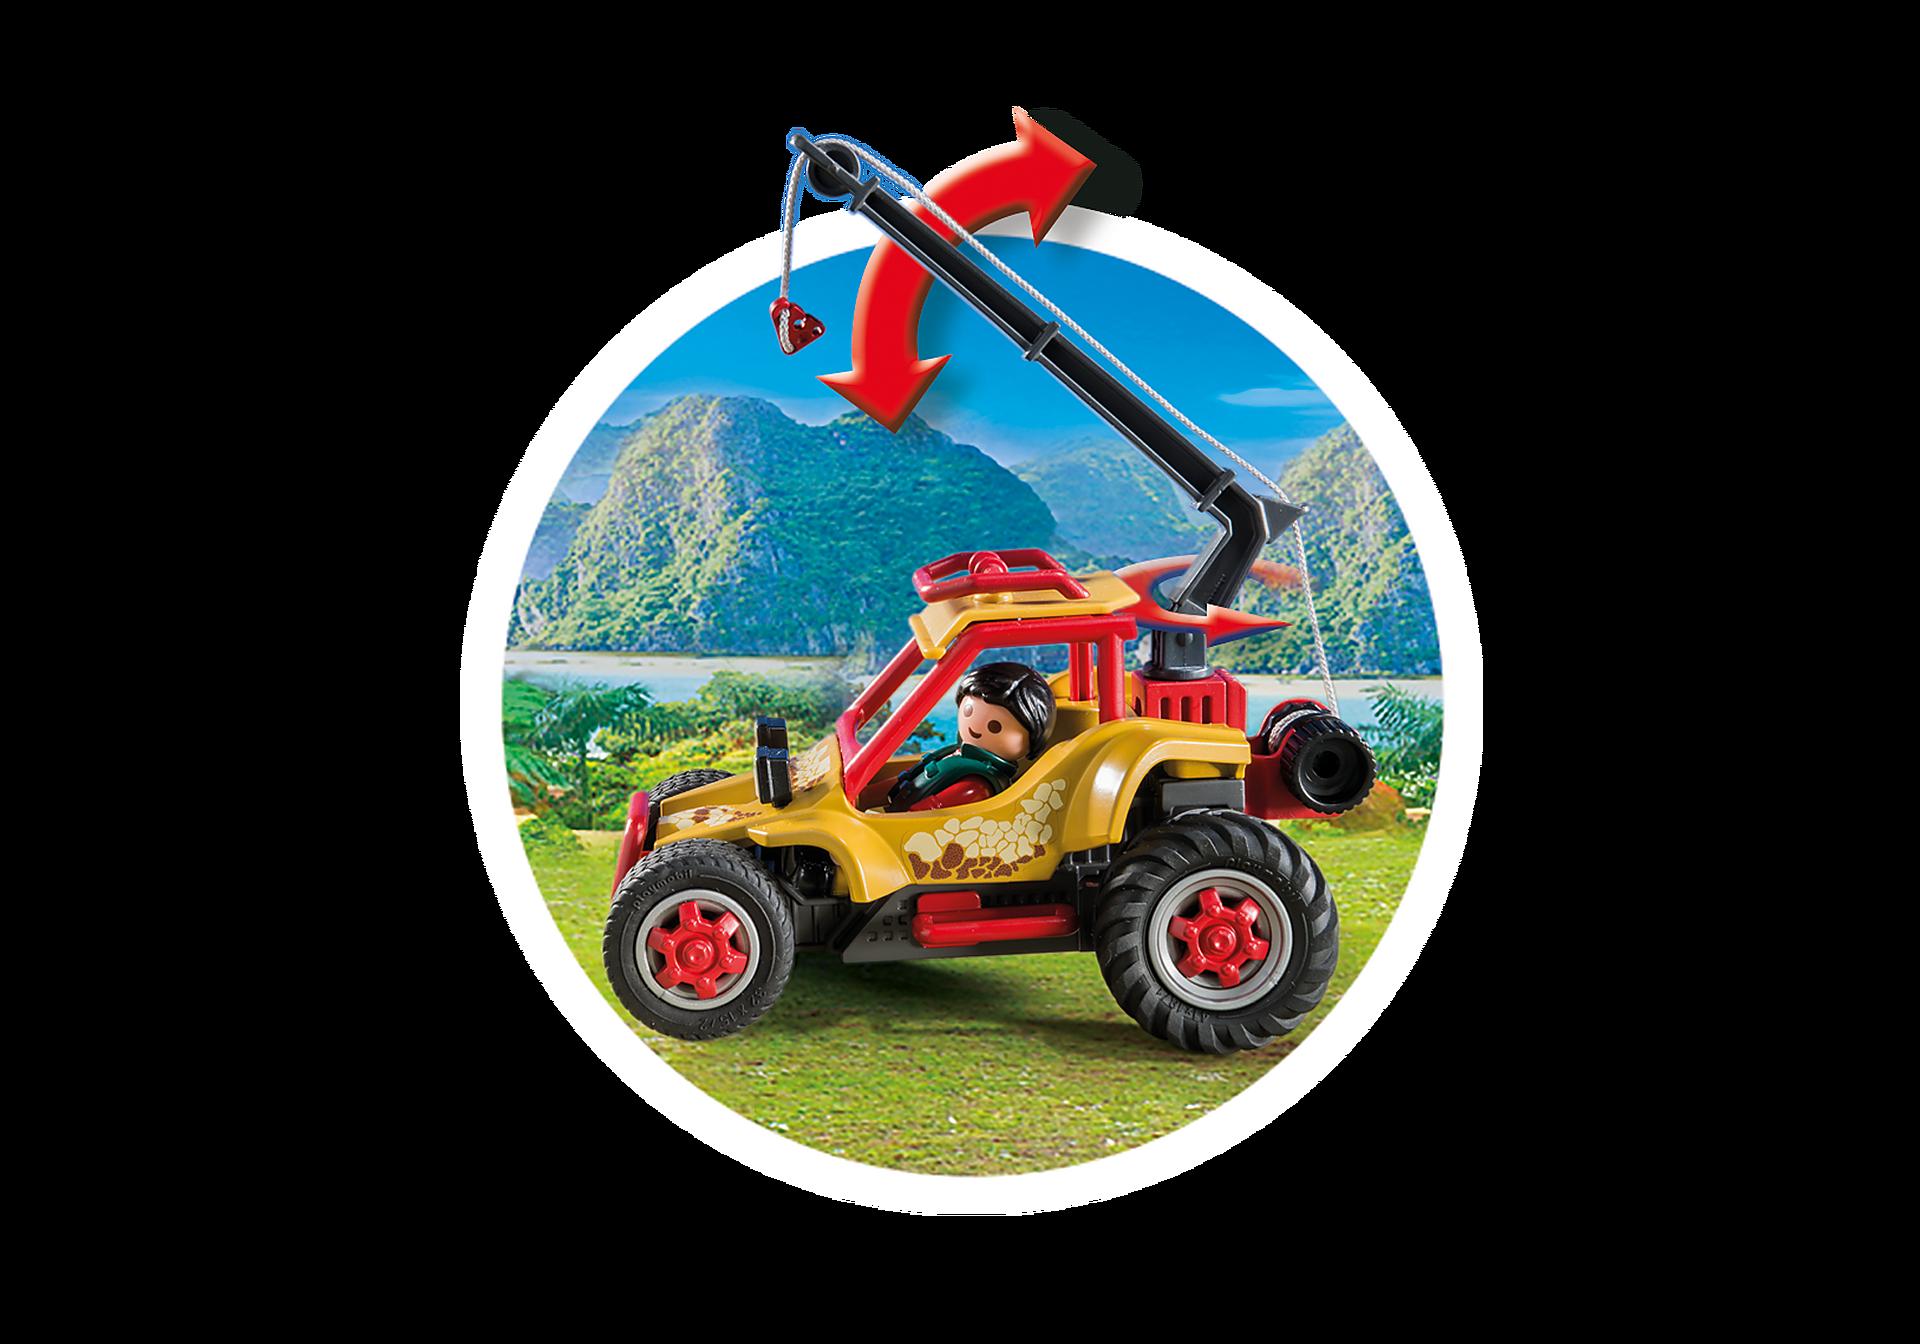 9432 Forschermobil mit Stegosaurus zoom image7